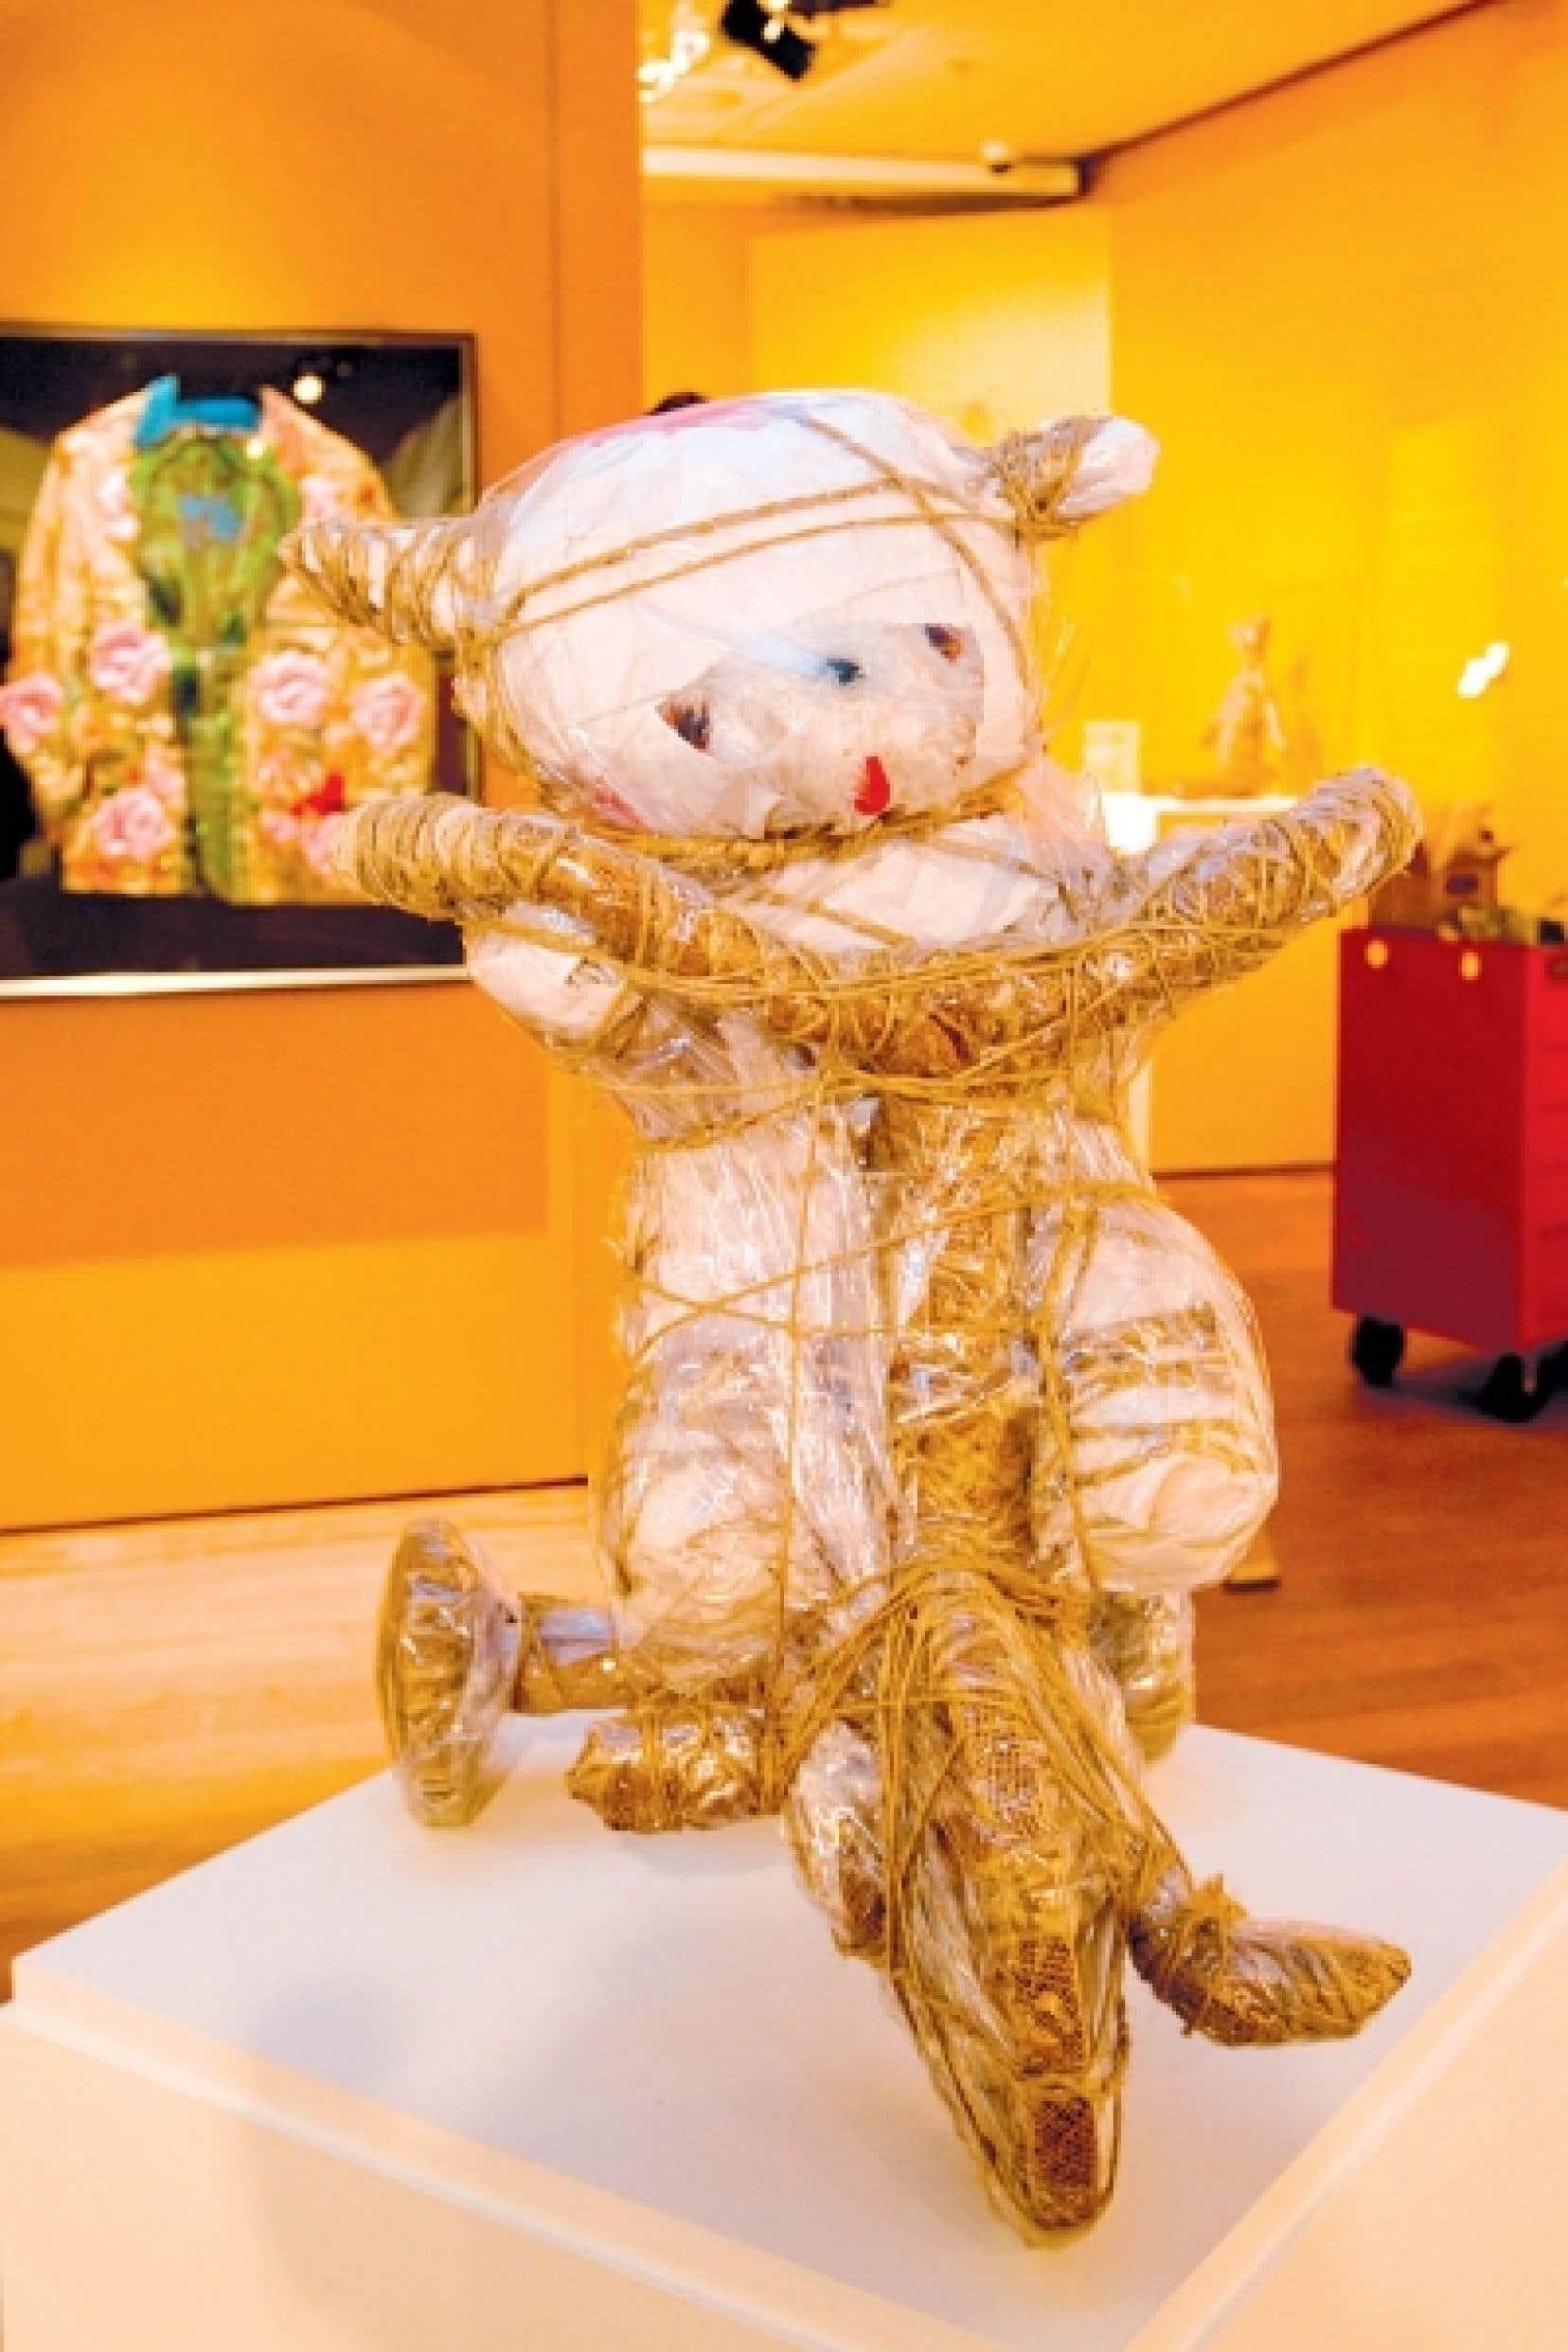 Le public non averti ne sait pas quelle œuvre a été conçue par un artiste reconnu et quelle autre par une personne psychiatrisée.